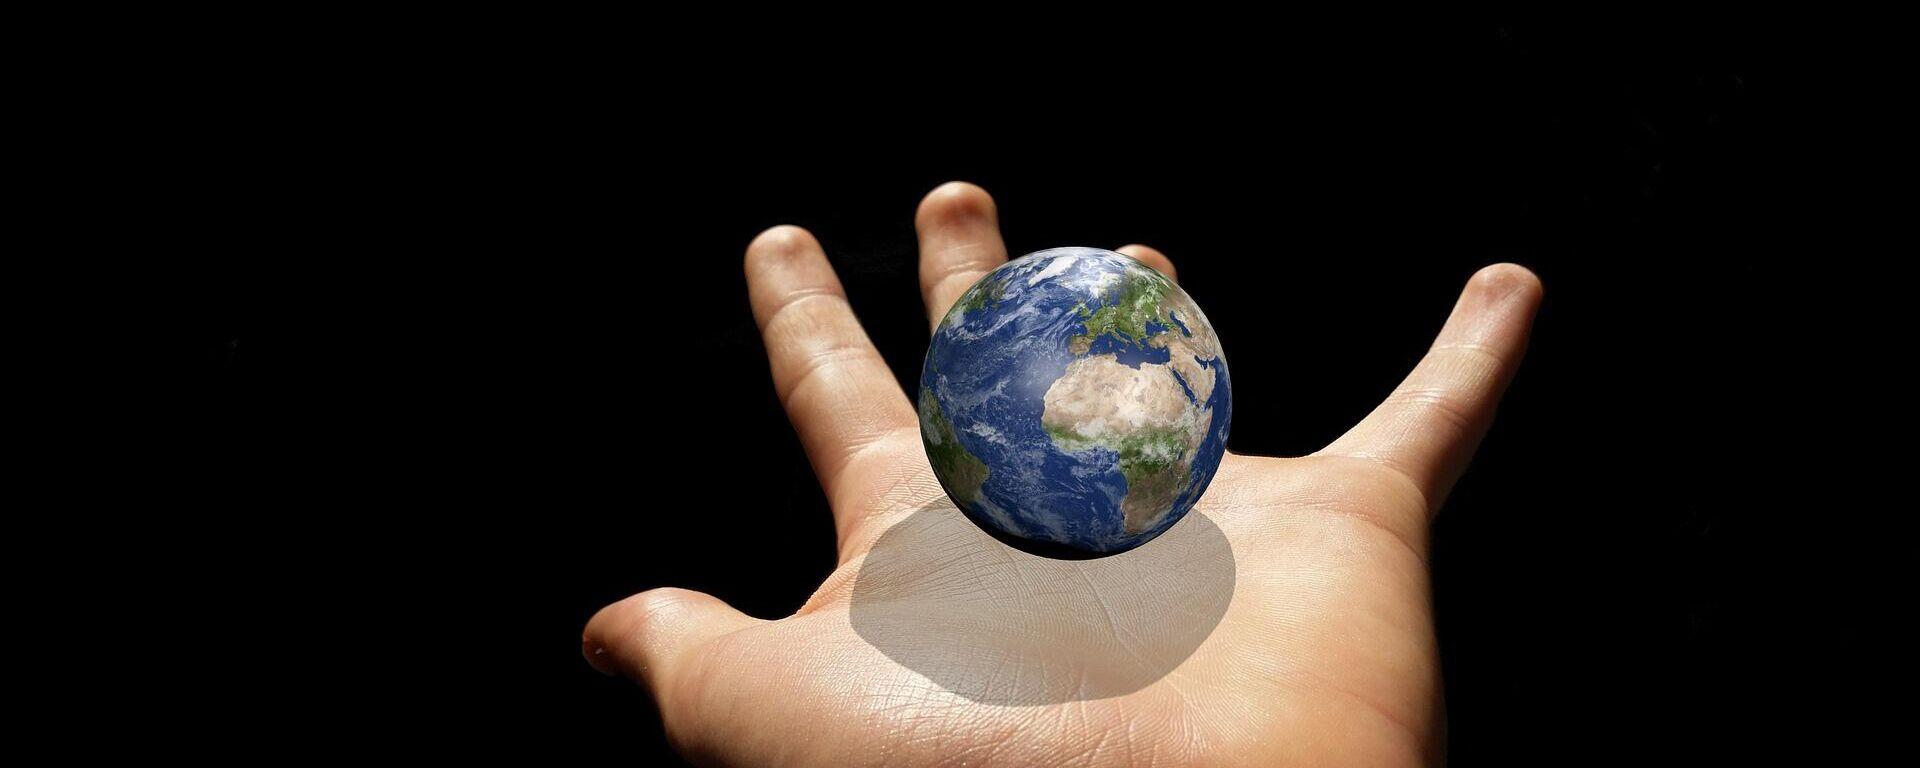 Planeta (imagen referencial) - Sputnik Mundo, 1920, 02.07.2021